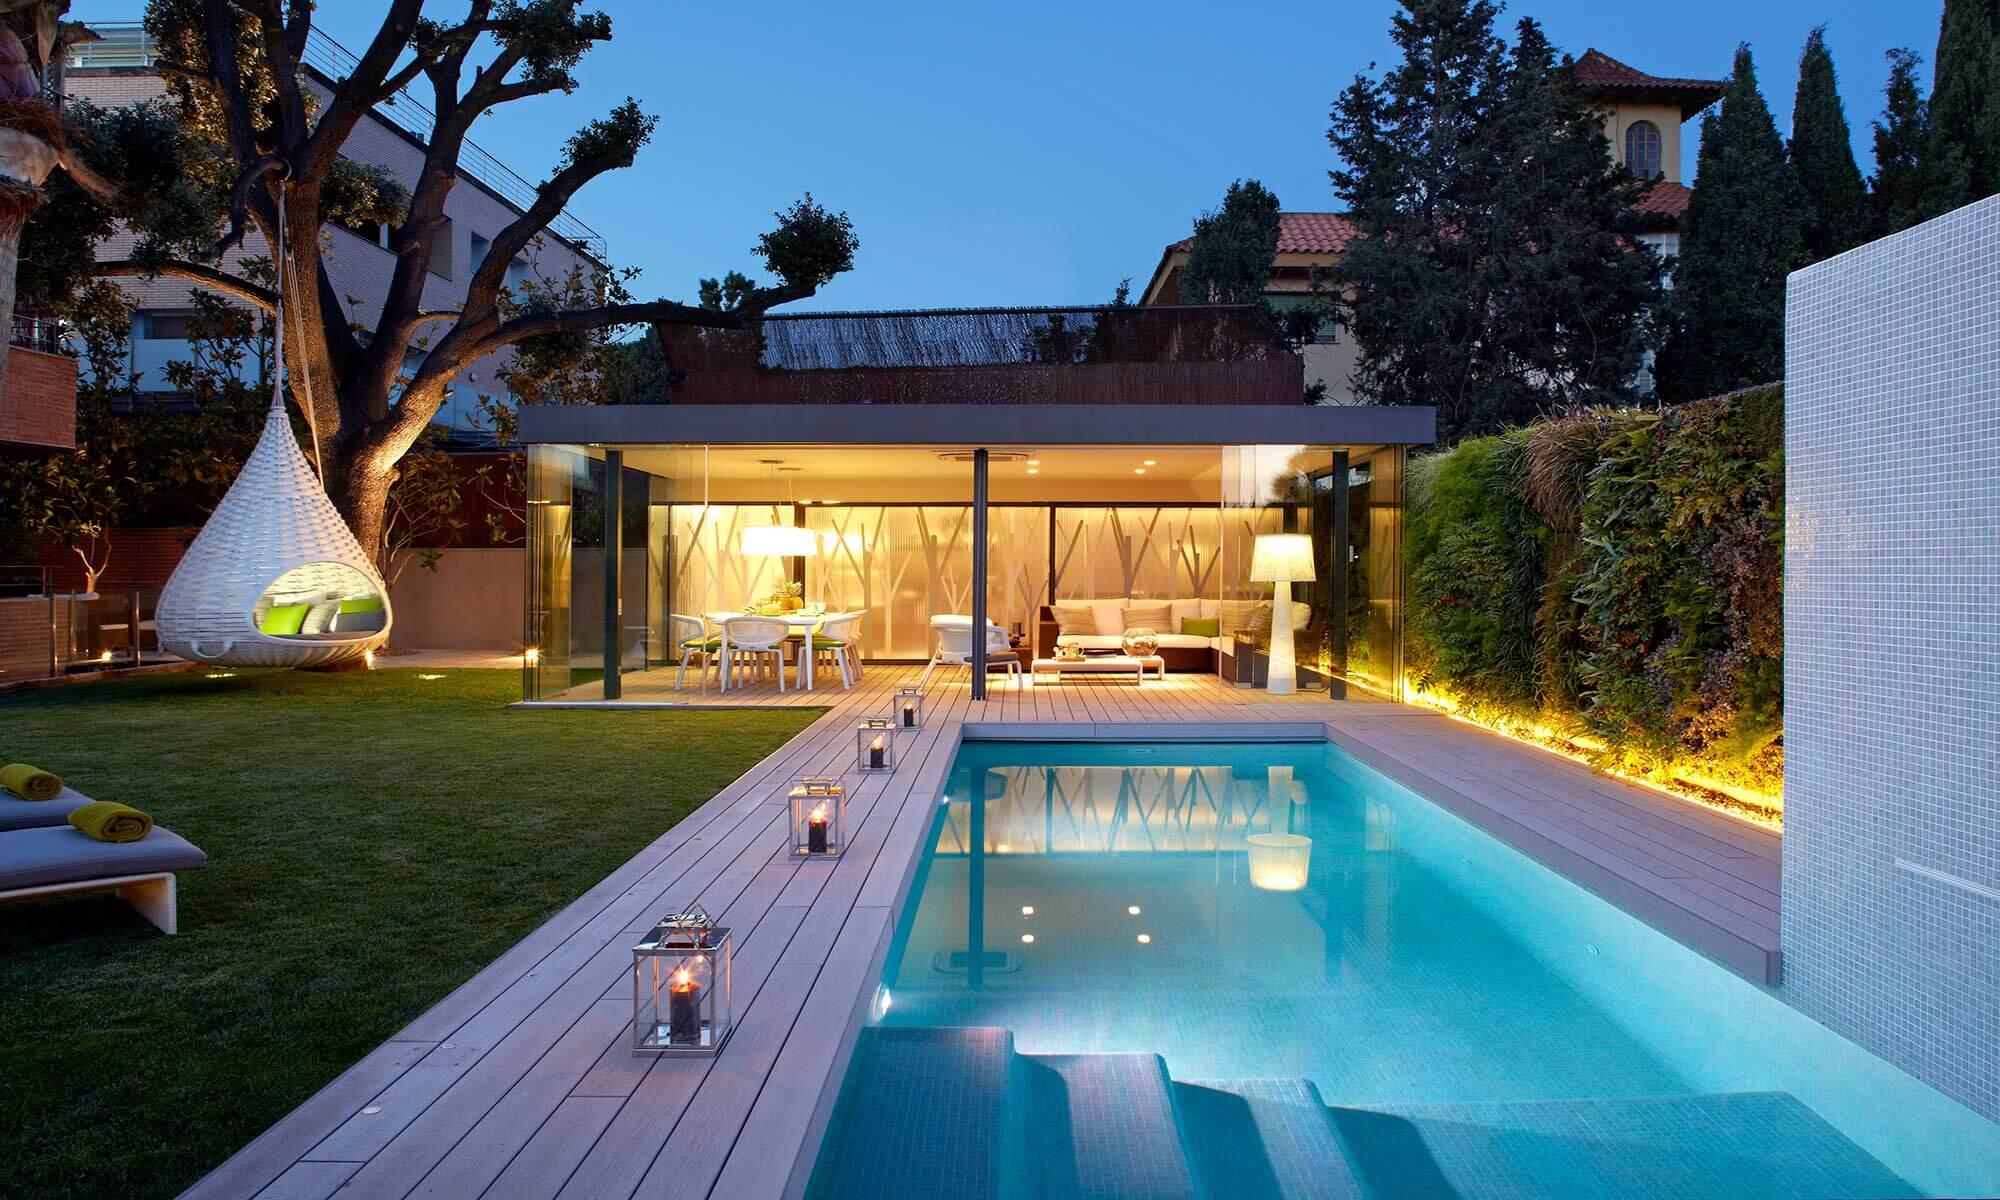 jardines-verticales-piscina